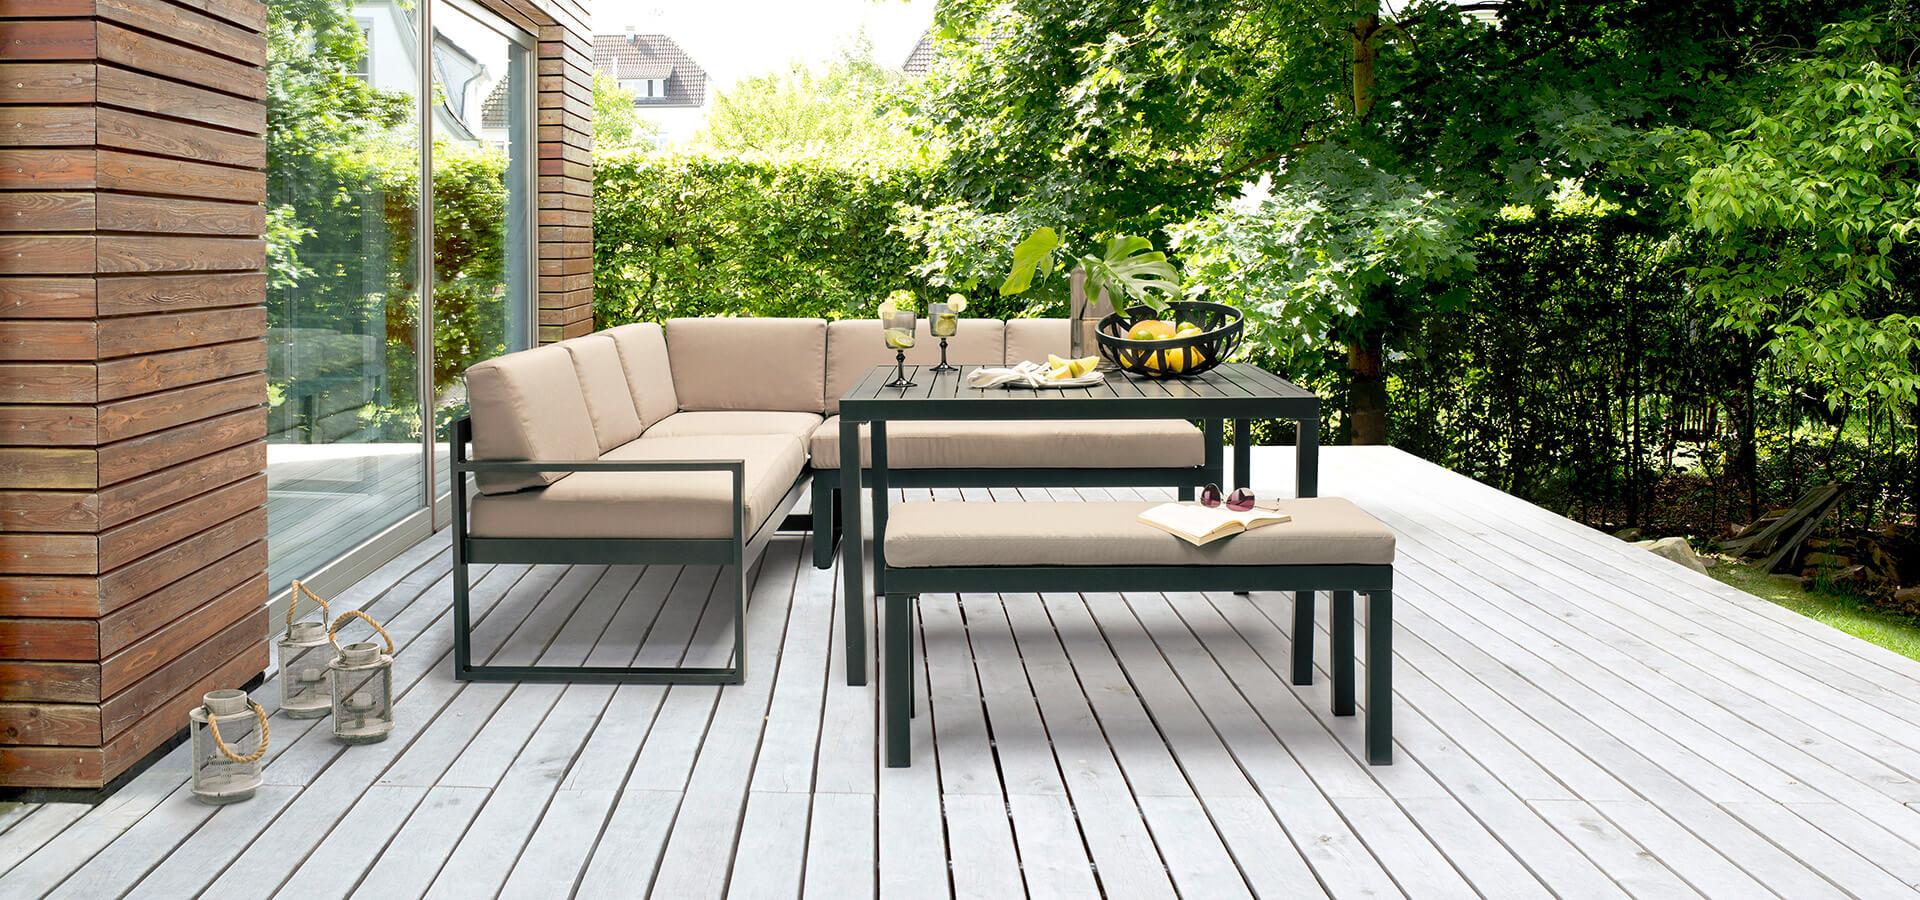 Full Size of Terrassen Lounge Möbel Garten Loungemöbel Sofa Günstig Sessel Holz Set Wohnzimmer Terrassen Lounge